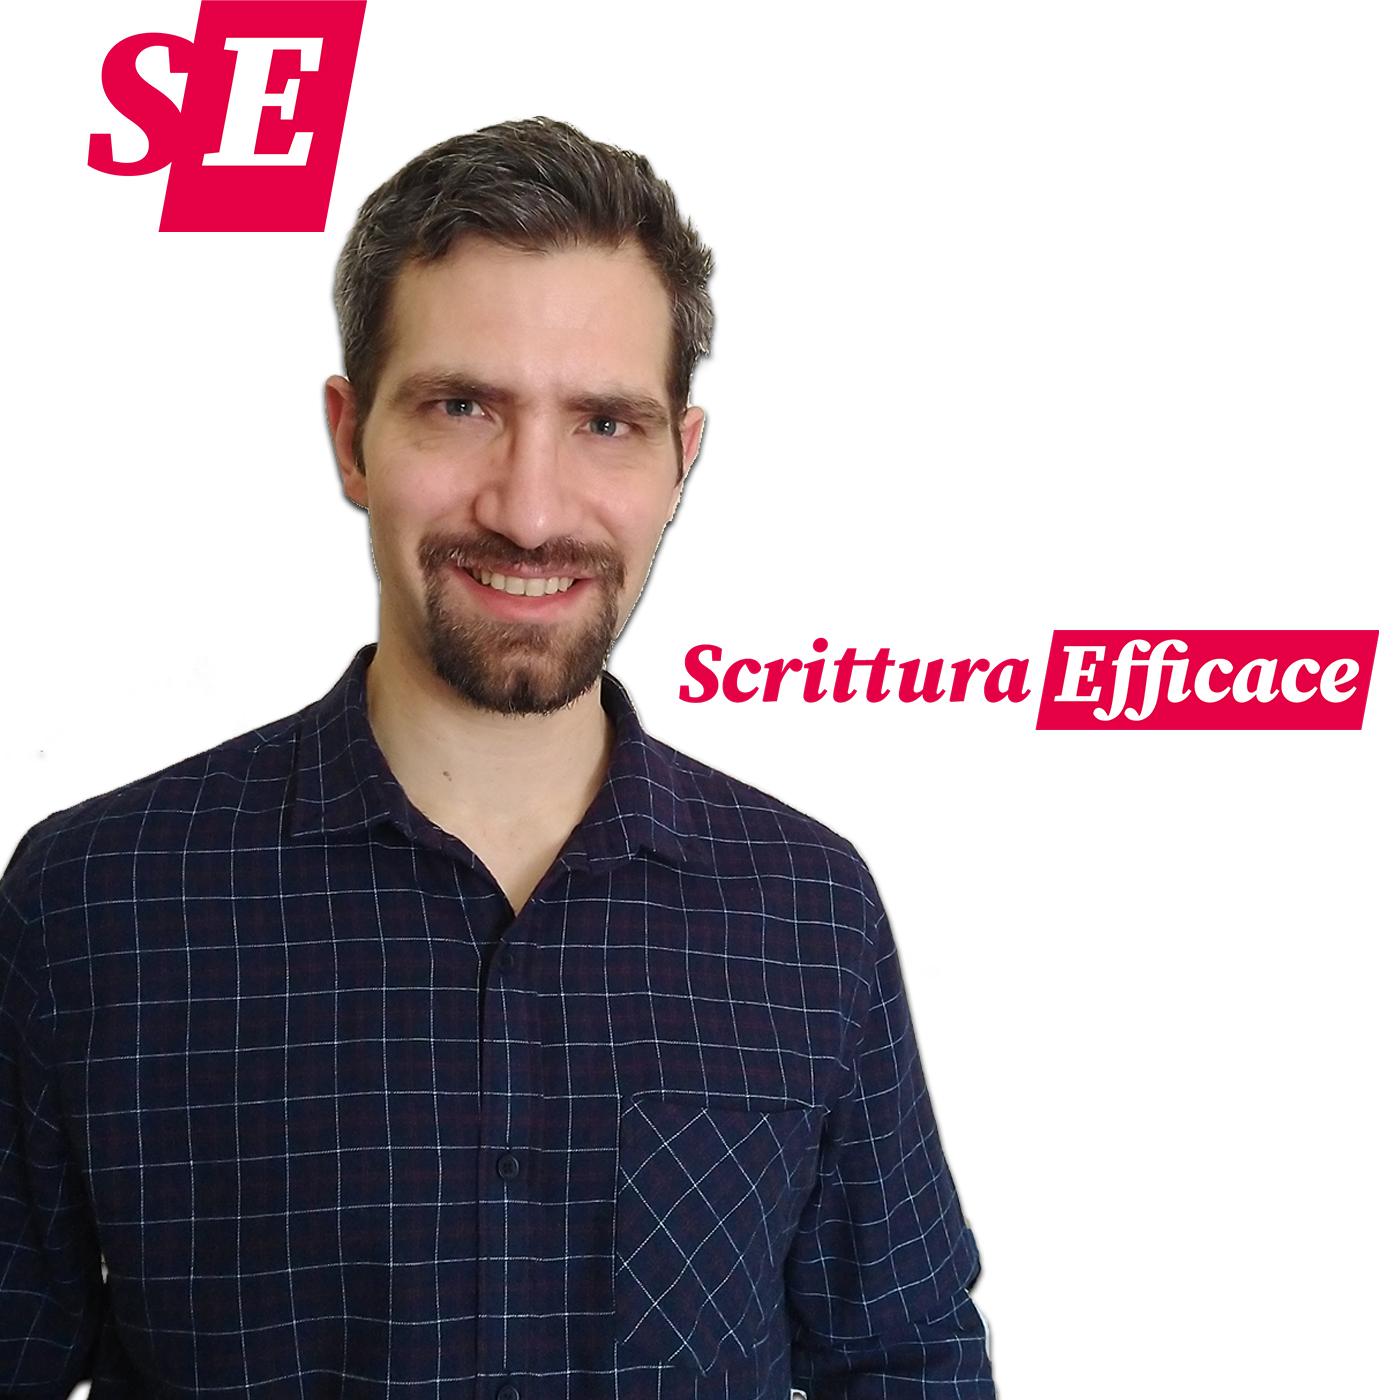 Tutta la verità di Scrittura Efficace